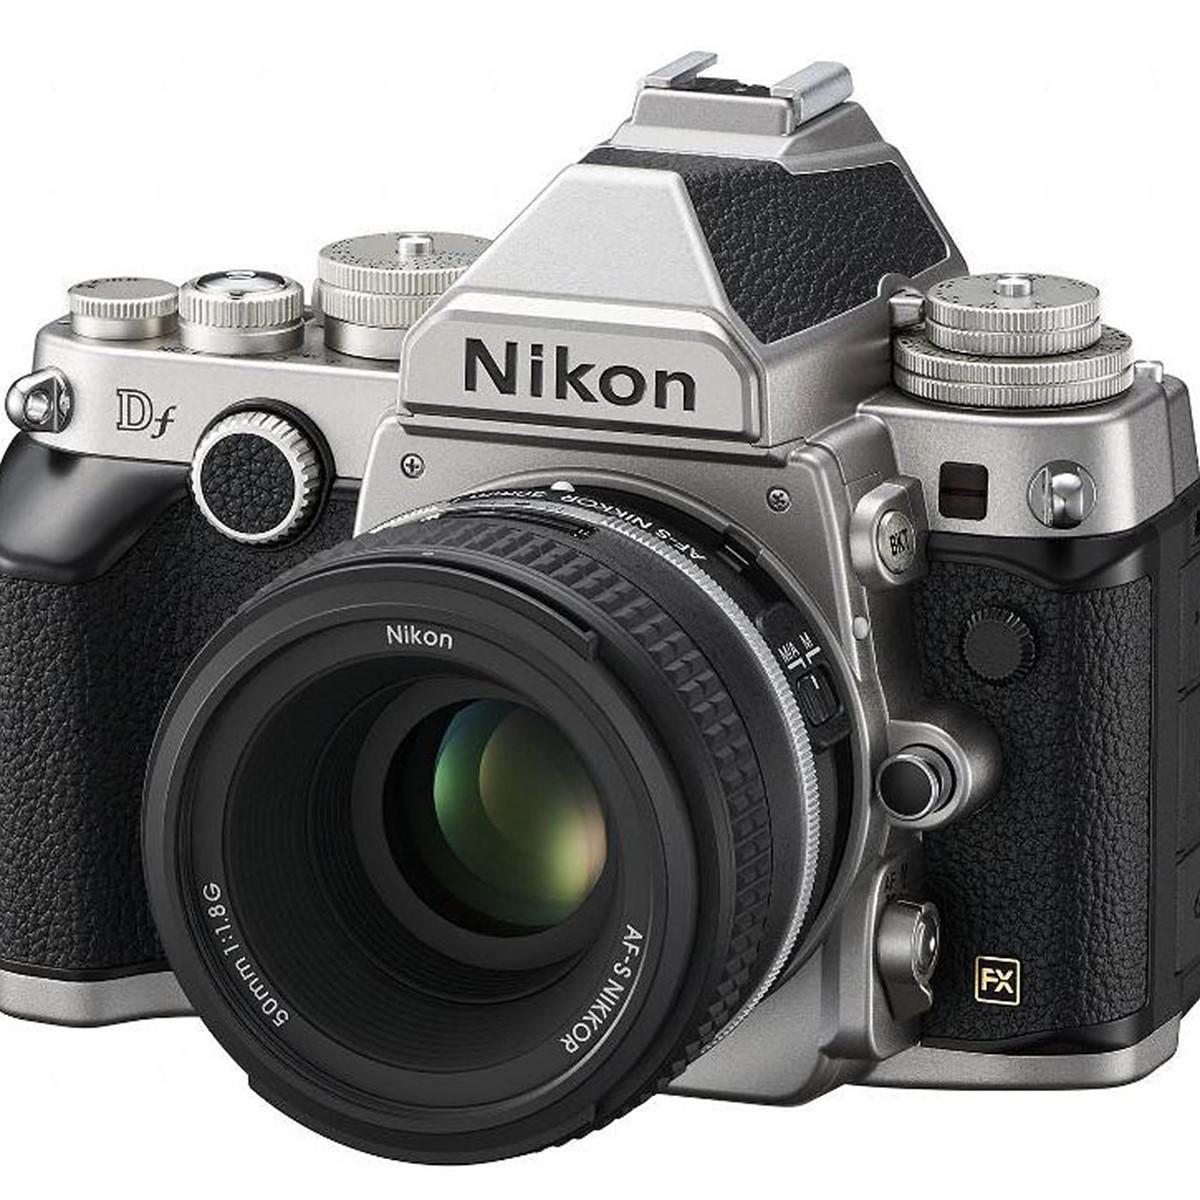 Nikon releases new firmware for nine cameras, mostly AF-P